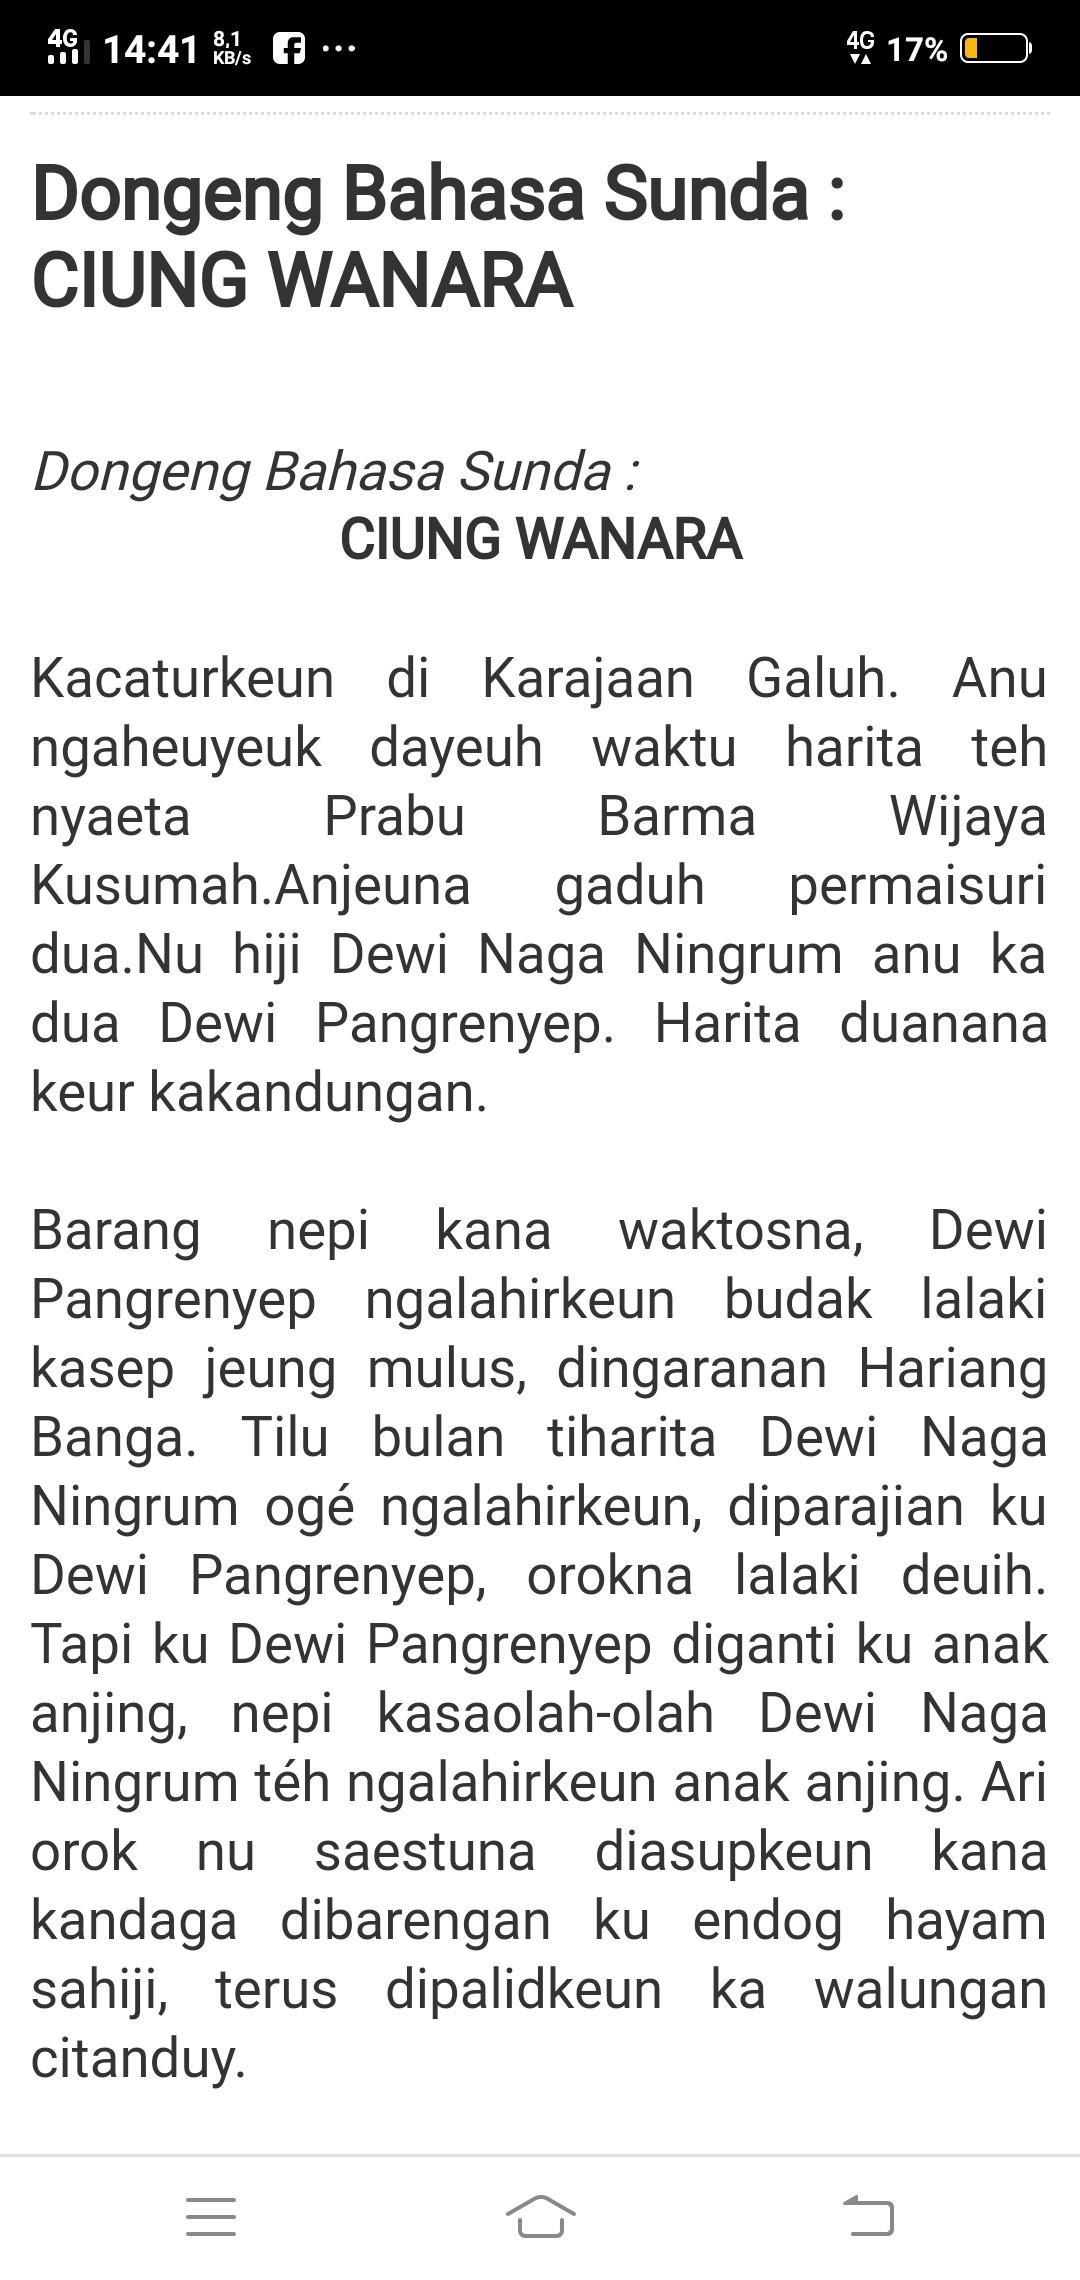 Pengertian Dongeng Bahasa Sunda : pengertian, dongeng, bahasa, sunda, Cerita, Dongeng, Dalam, Bahasa, Sunda, Pendek, Cerpen